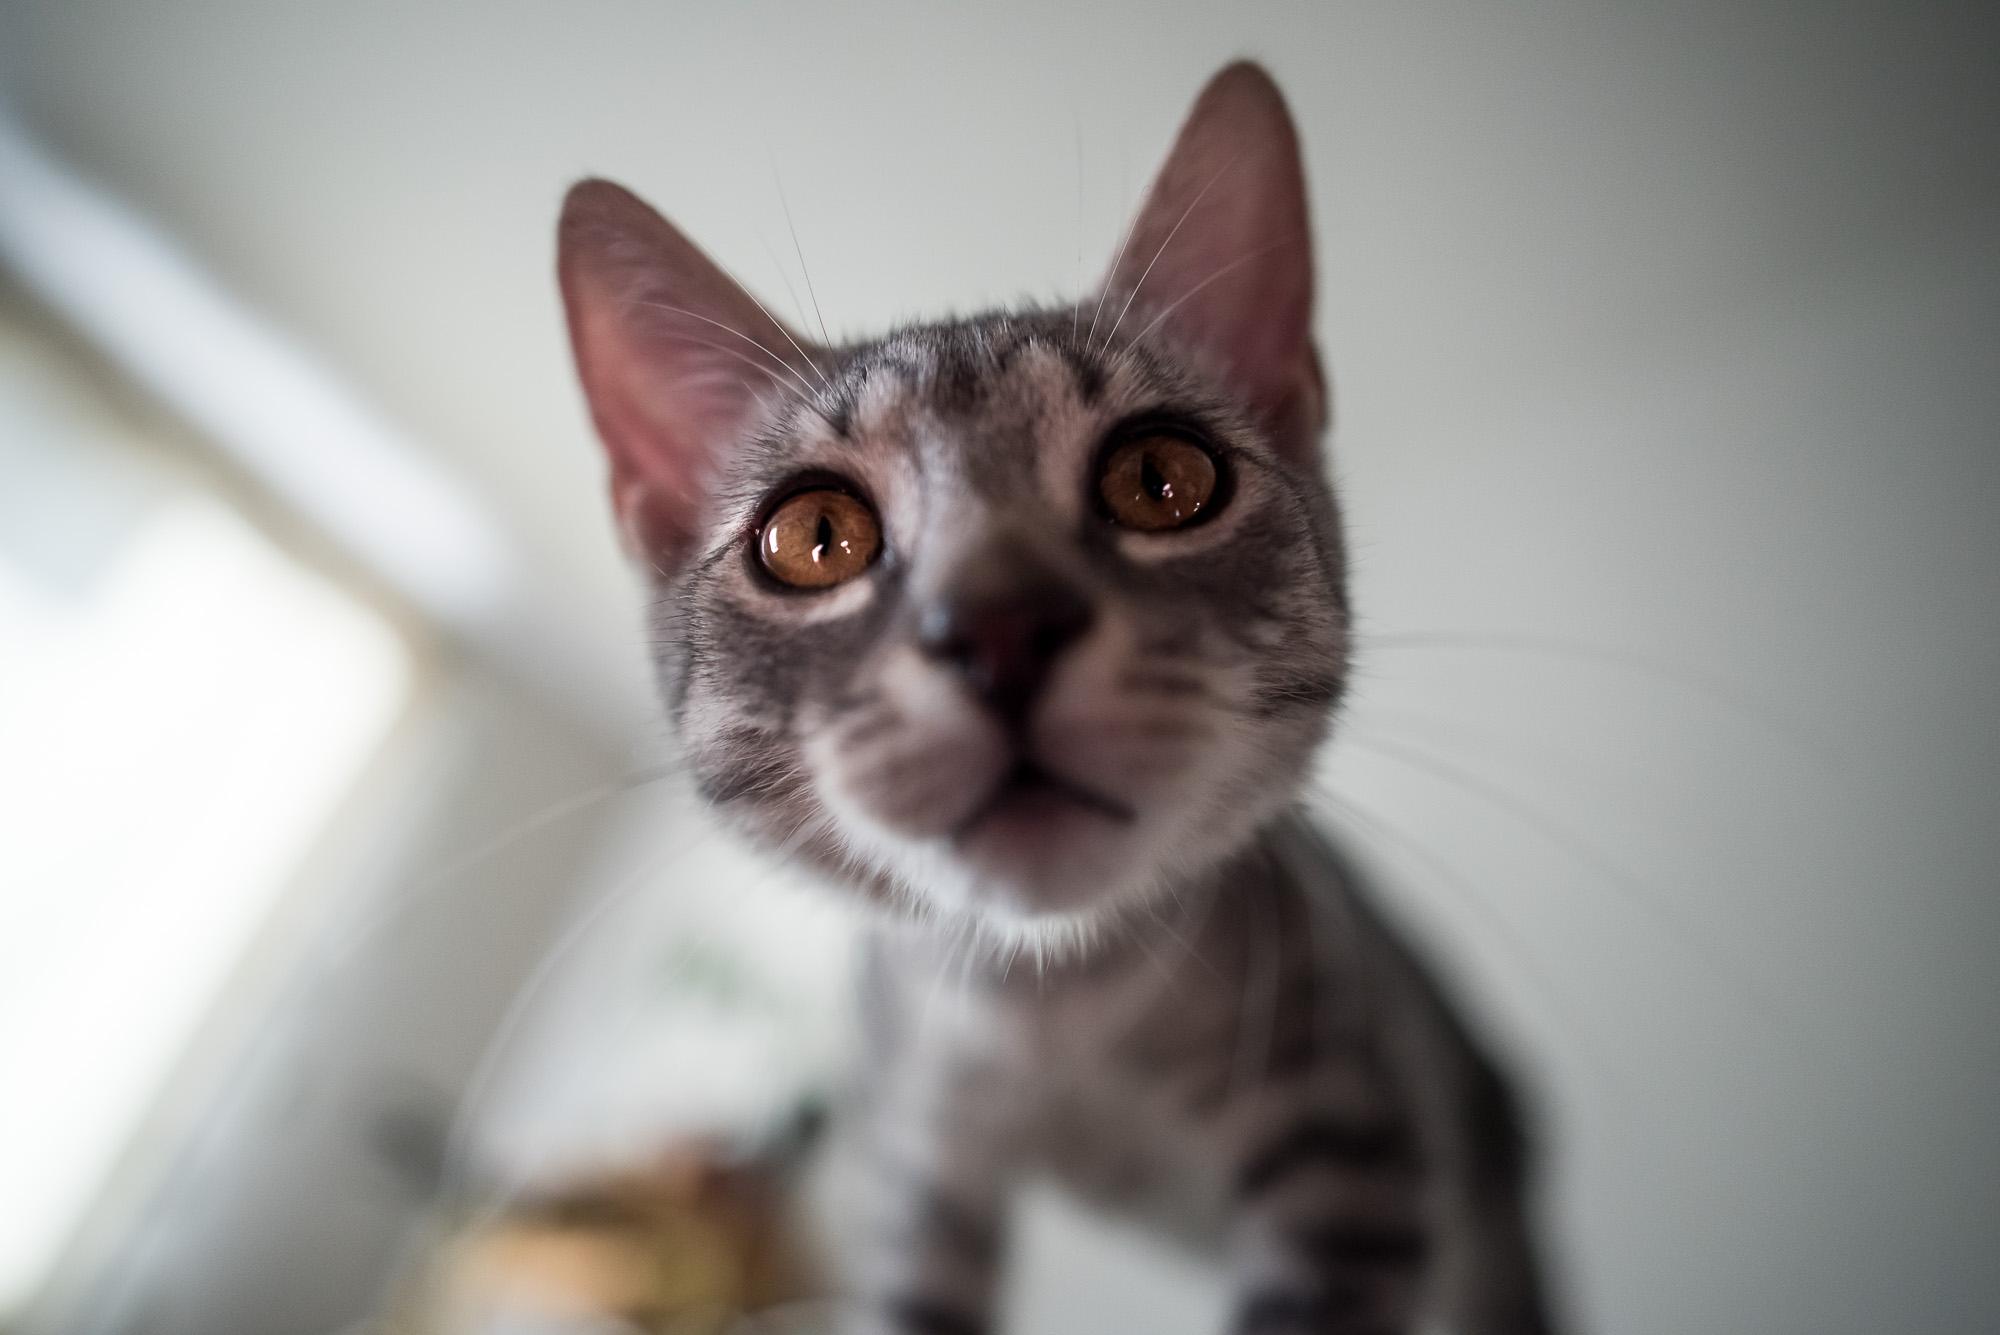 Mióta macskám van, gyógyulok, pedig azt sem tudtam, hogy beteg voltam